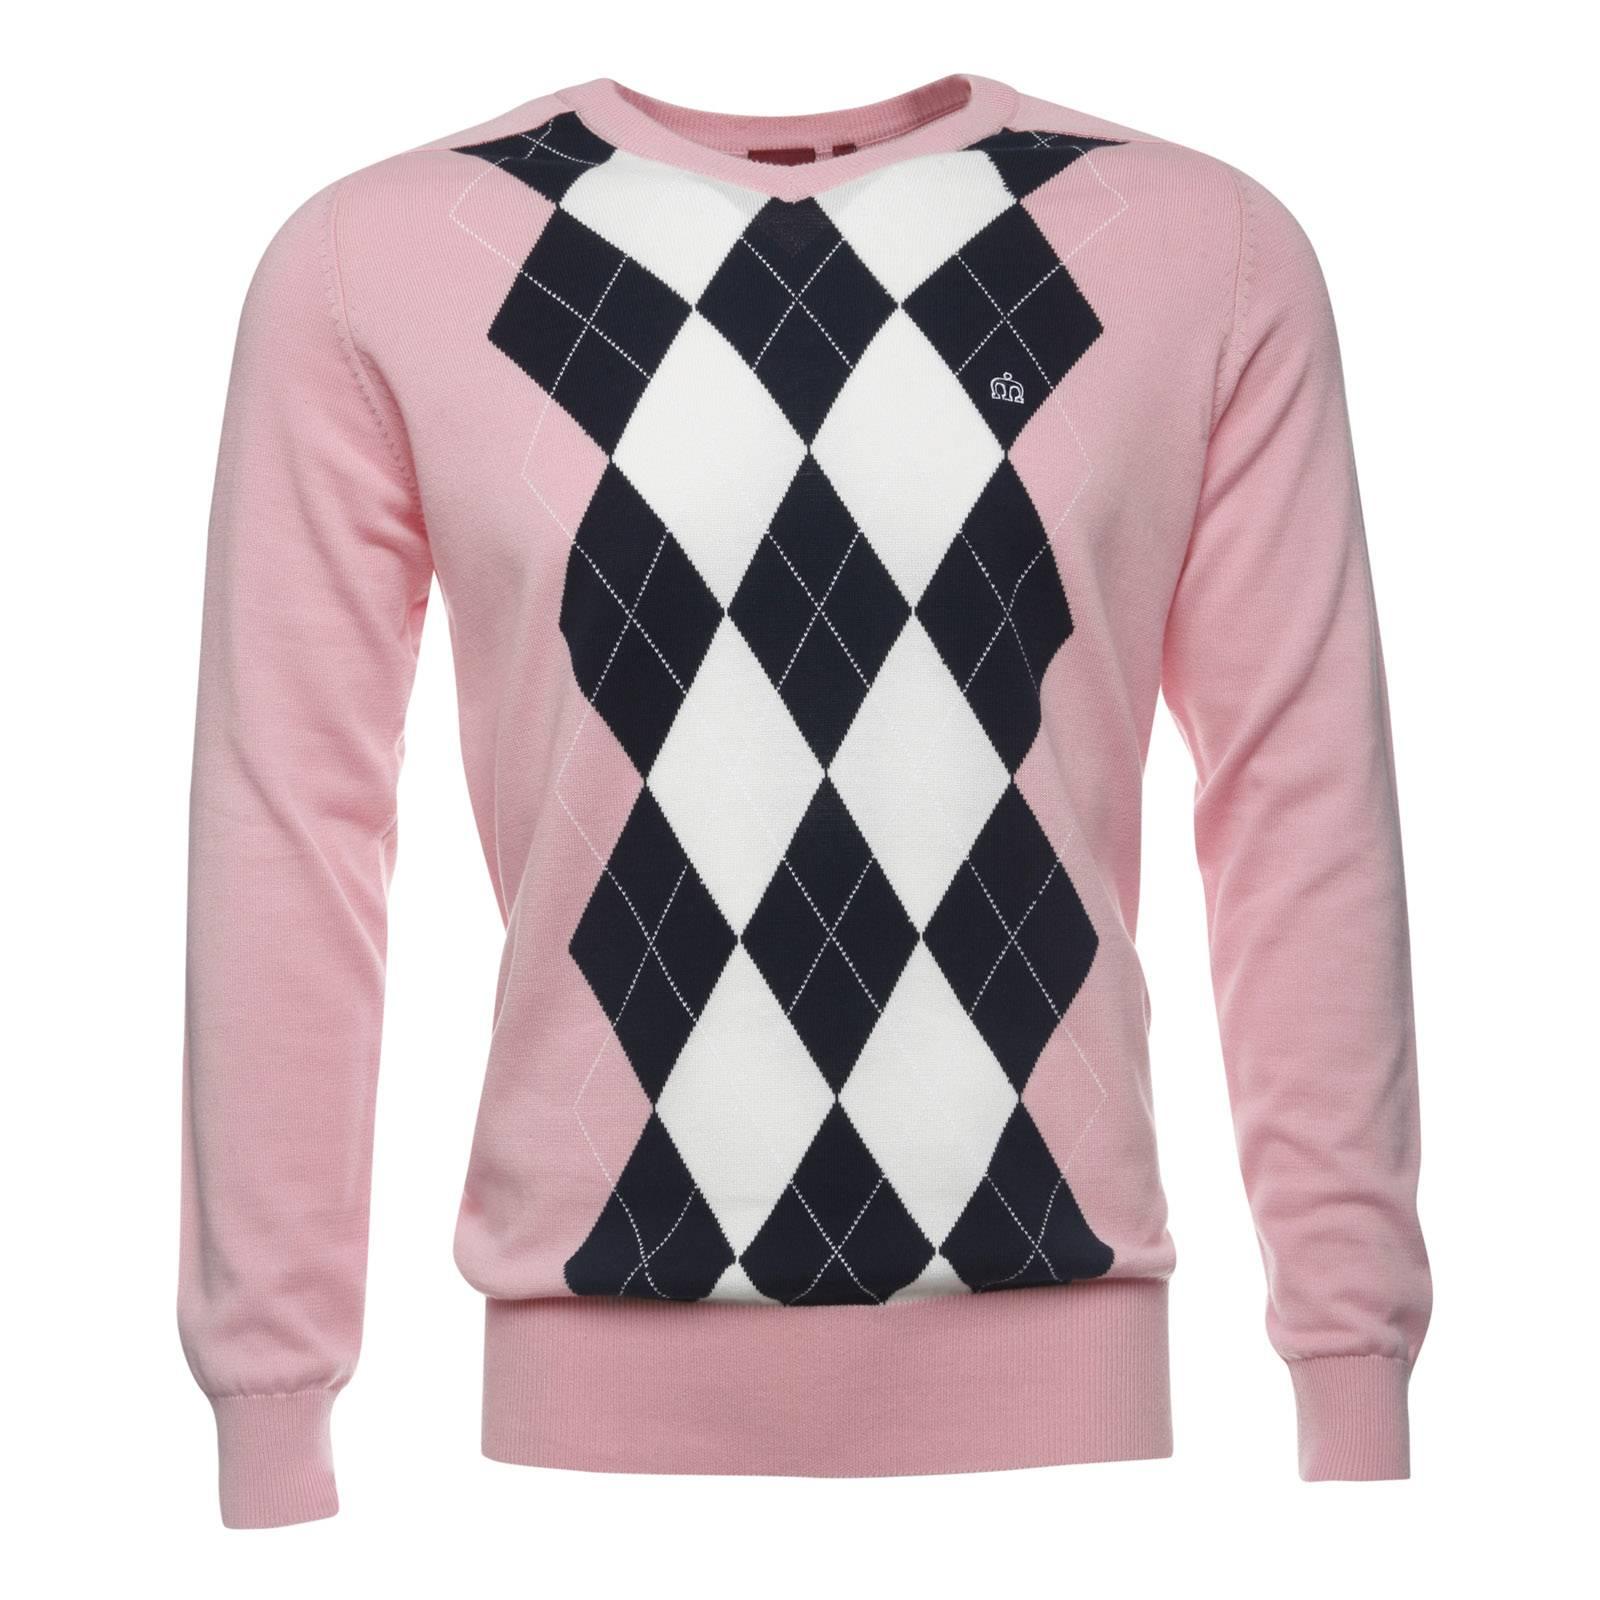 Пуловер RifleПуловеры<br><br><br>Артикул: 1611101<br>Материал: 100% хлопок<br>Цвет: розовый<br>Пол: Мужской